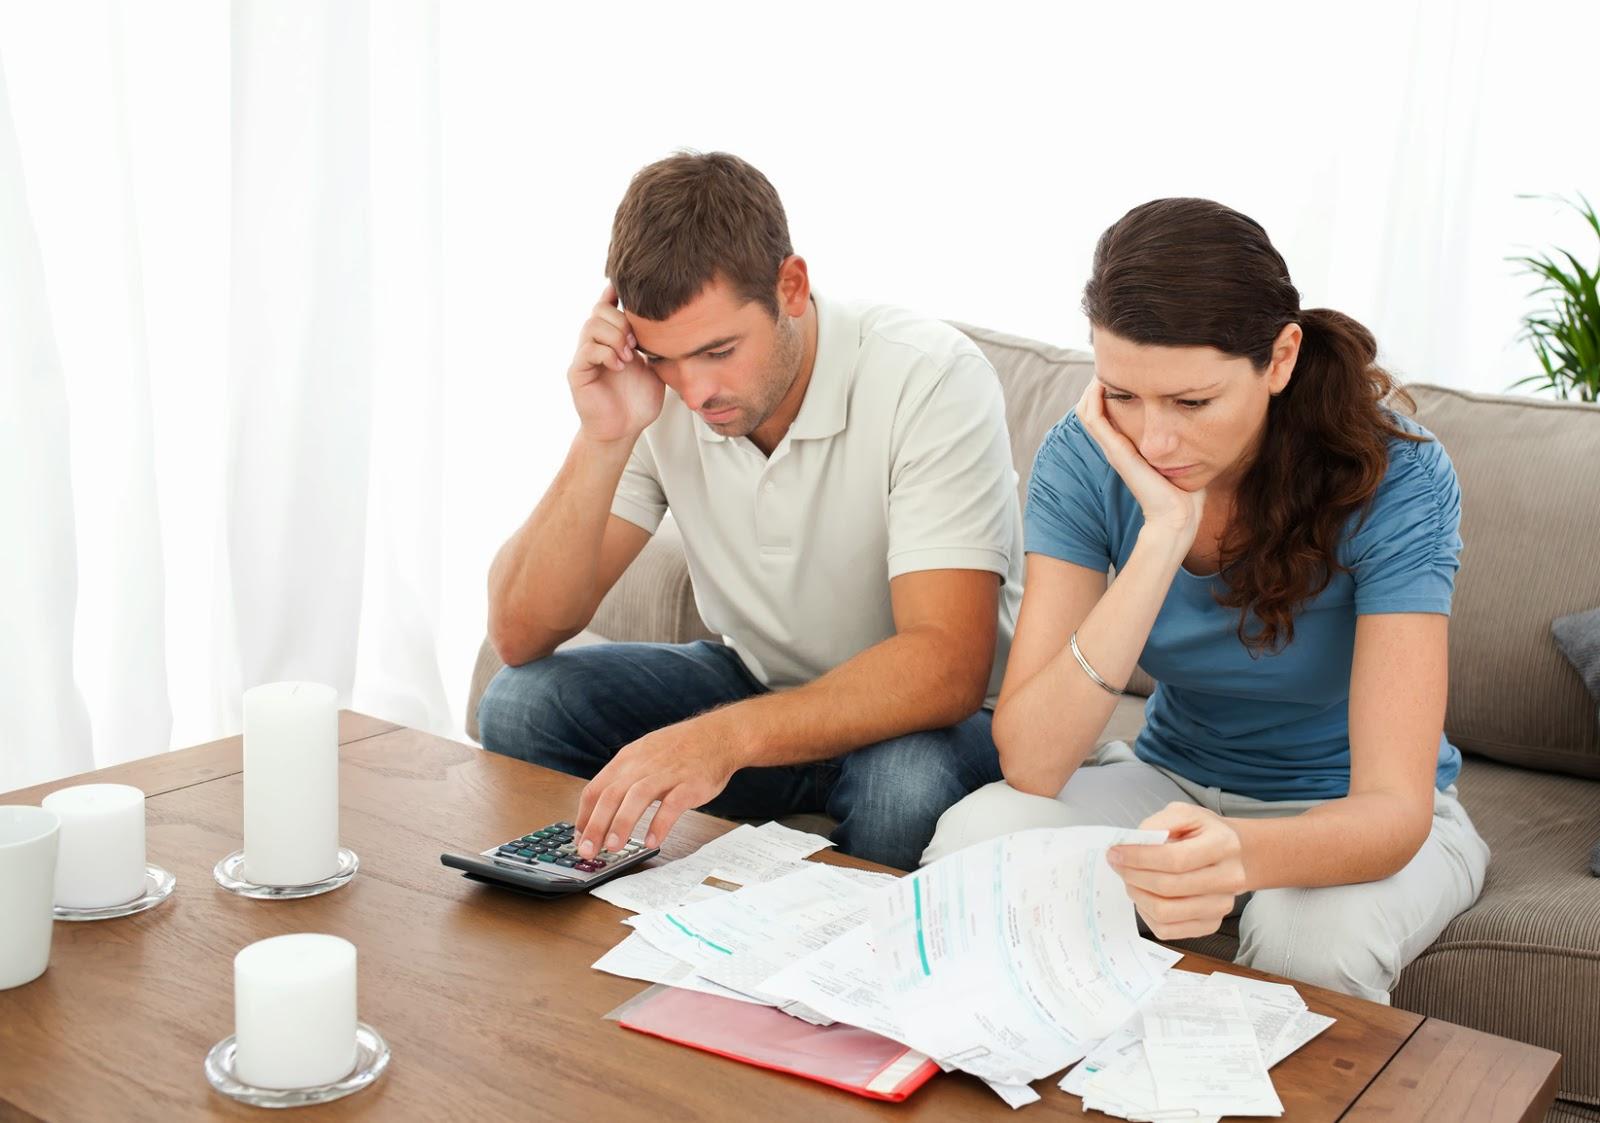 Cuanto tarda en concederse un crédito sin nomina?